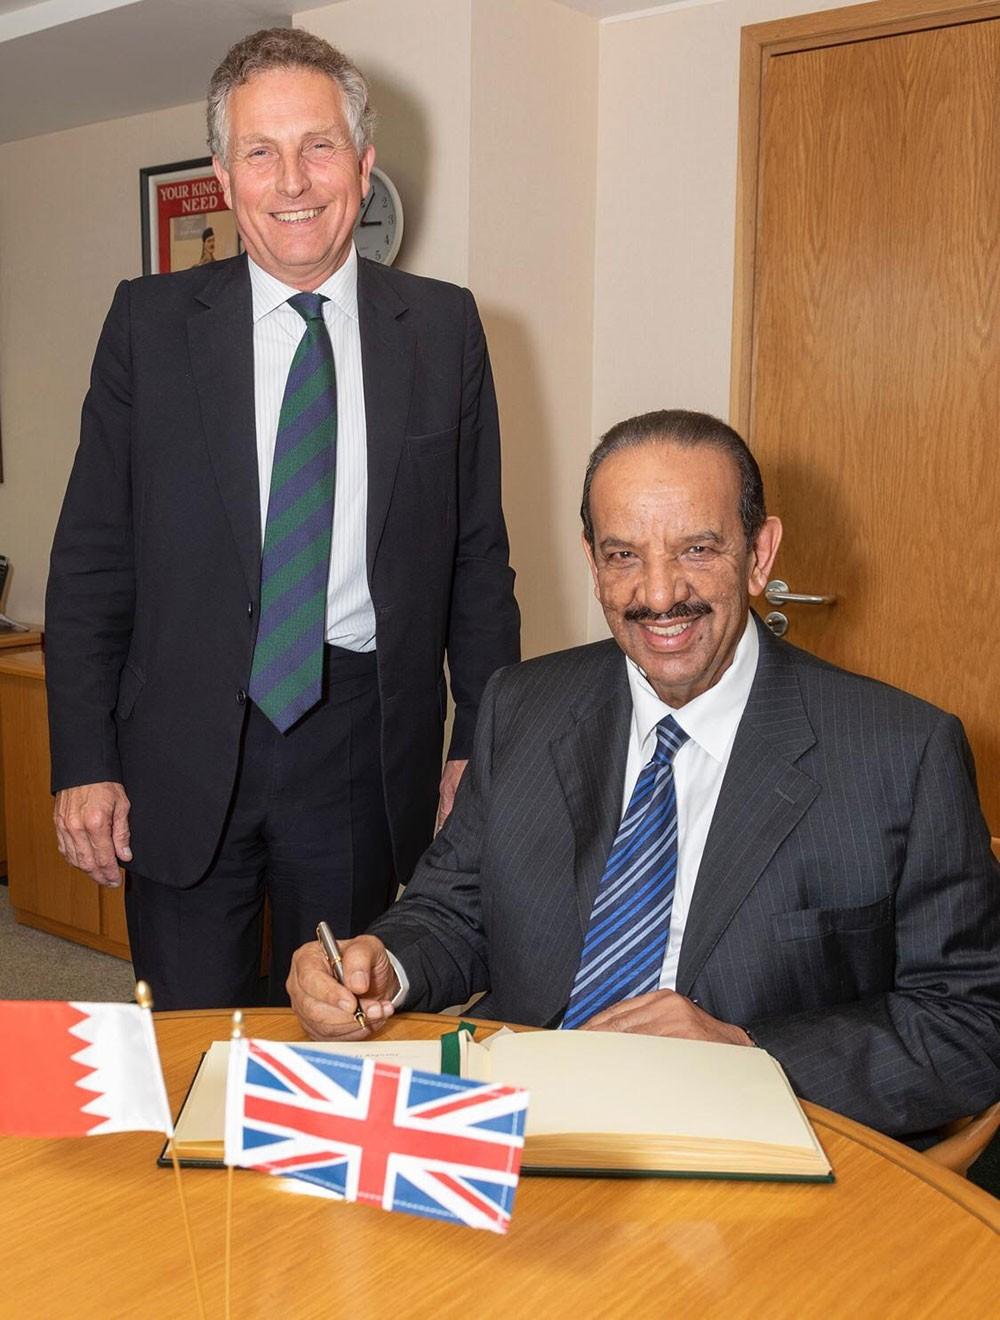 القائد العام يزور مقر وزارة الدفاع البريطانية